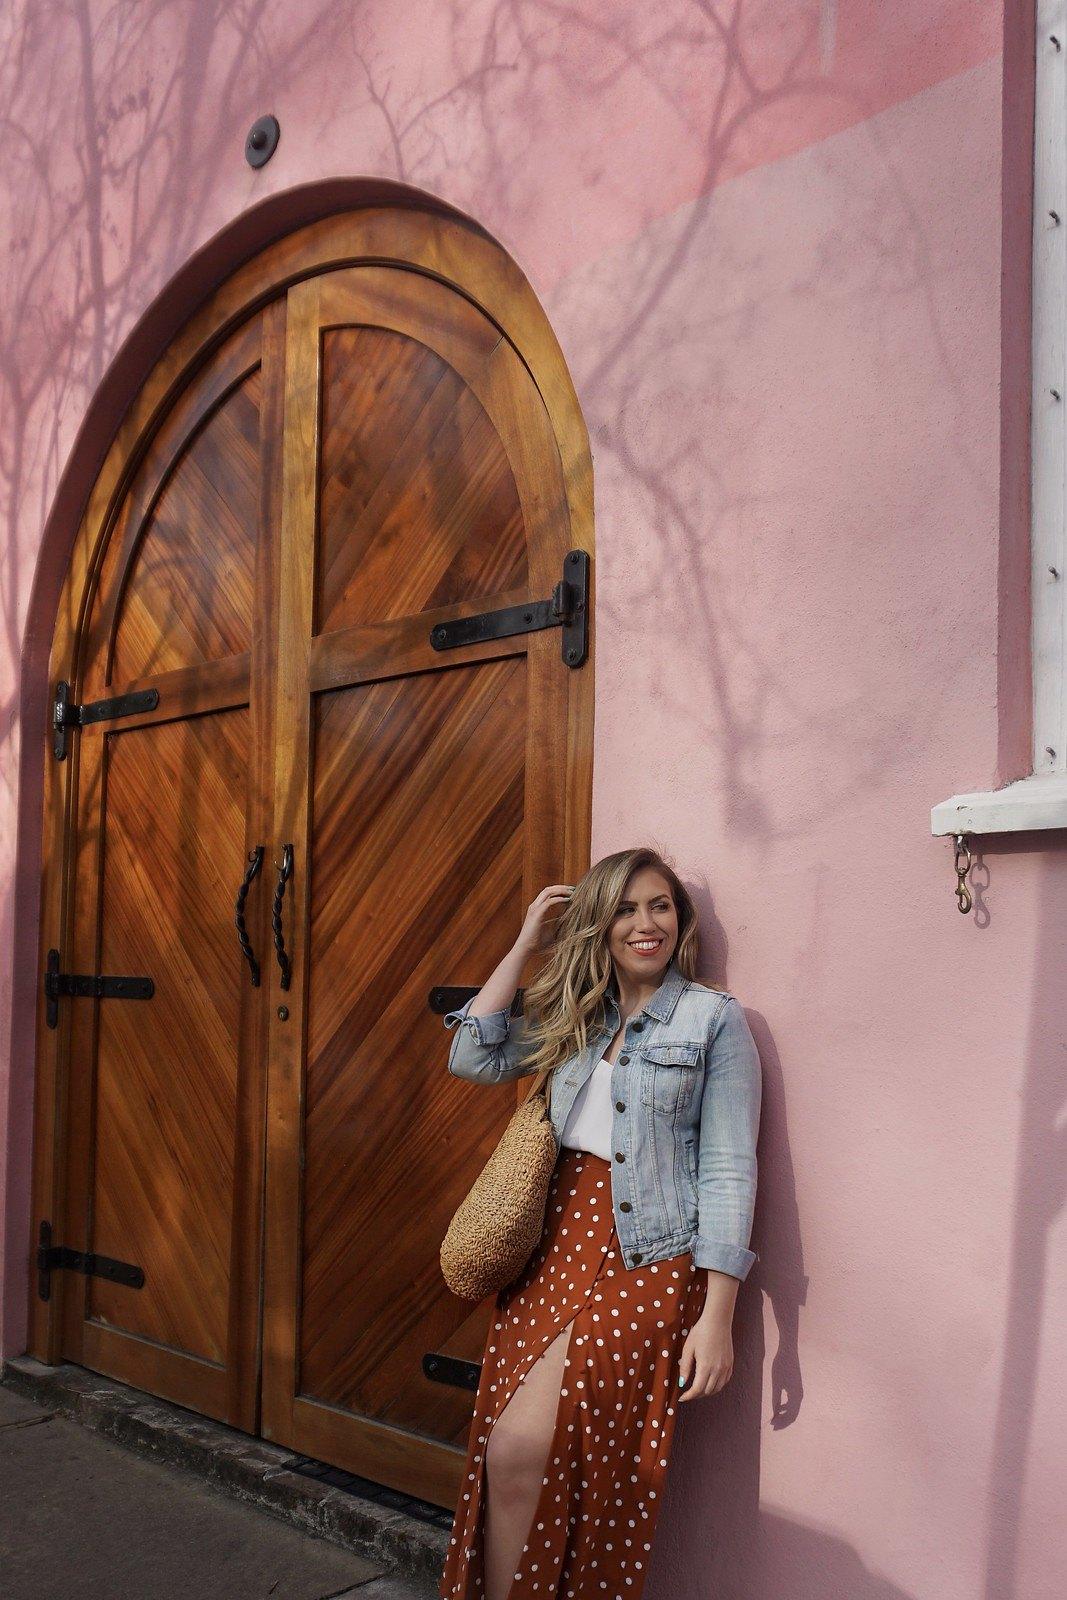 Charleston SC Pink Building | Spring Outfit Inspiration | Denim Jacket | Orange Polka Dot Skirt with Slit